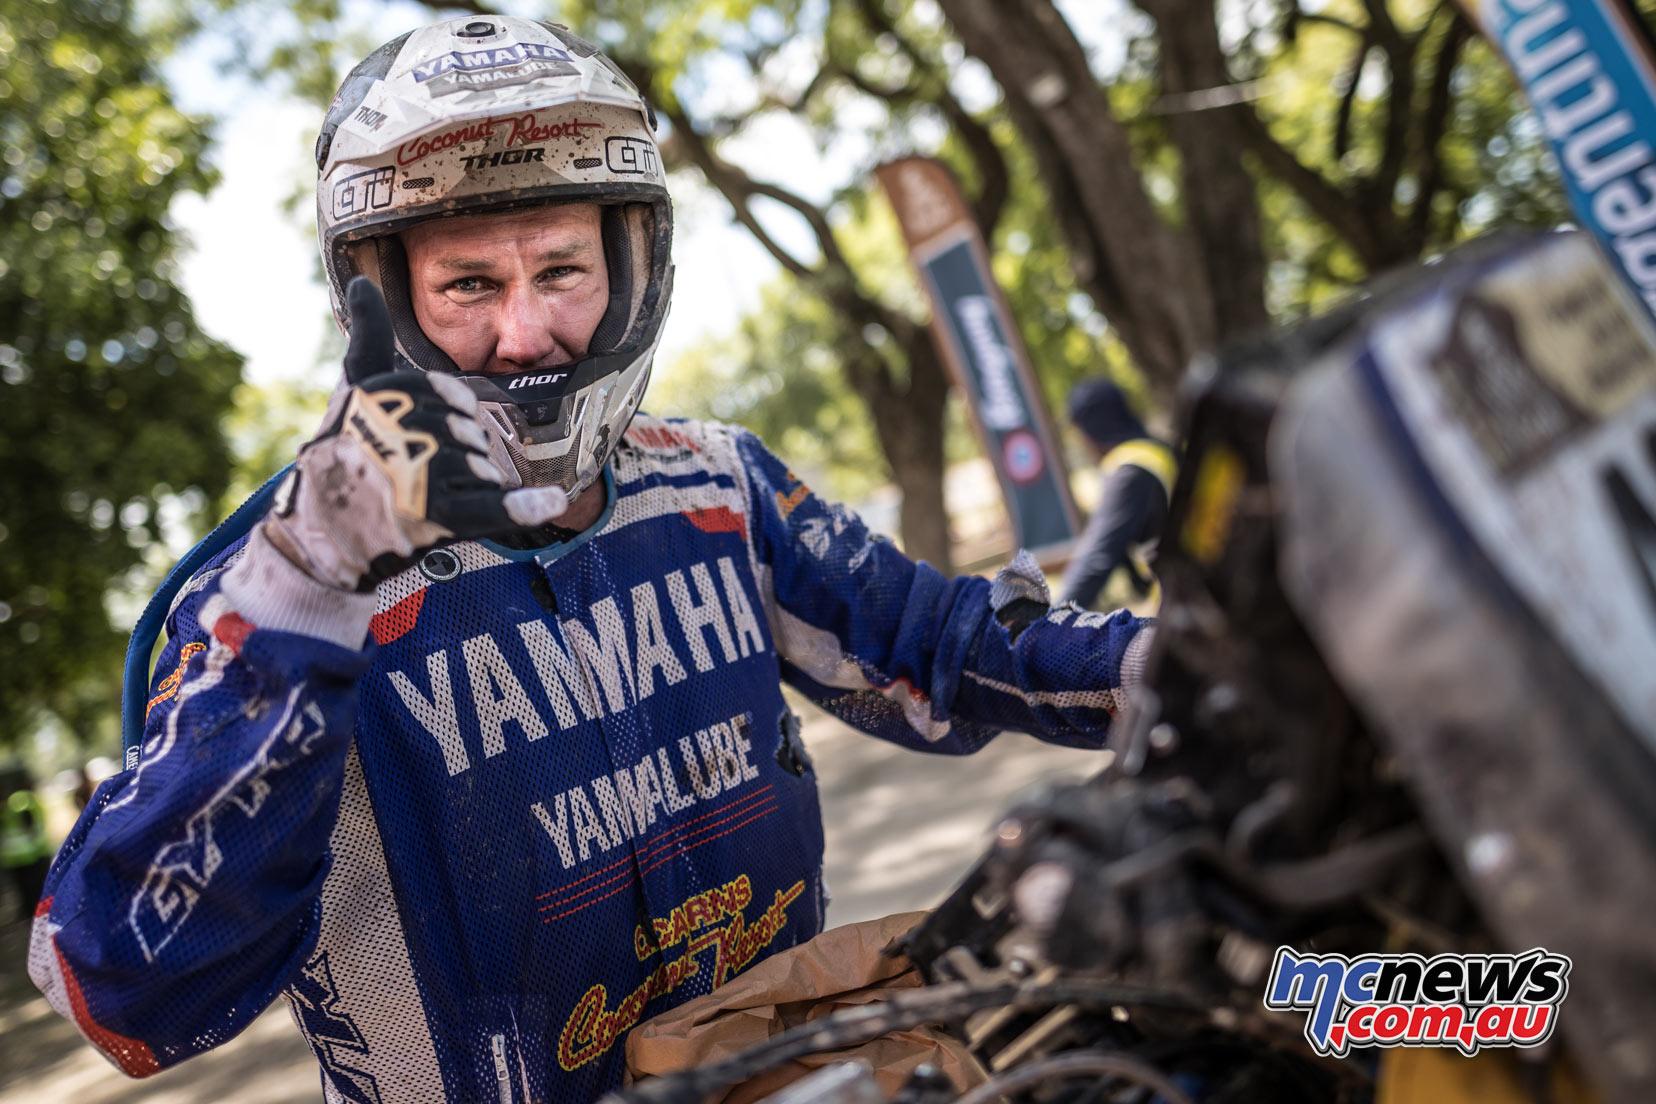 Dakar 2017 - Rodney Faggotter